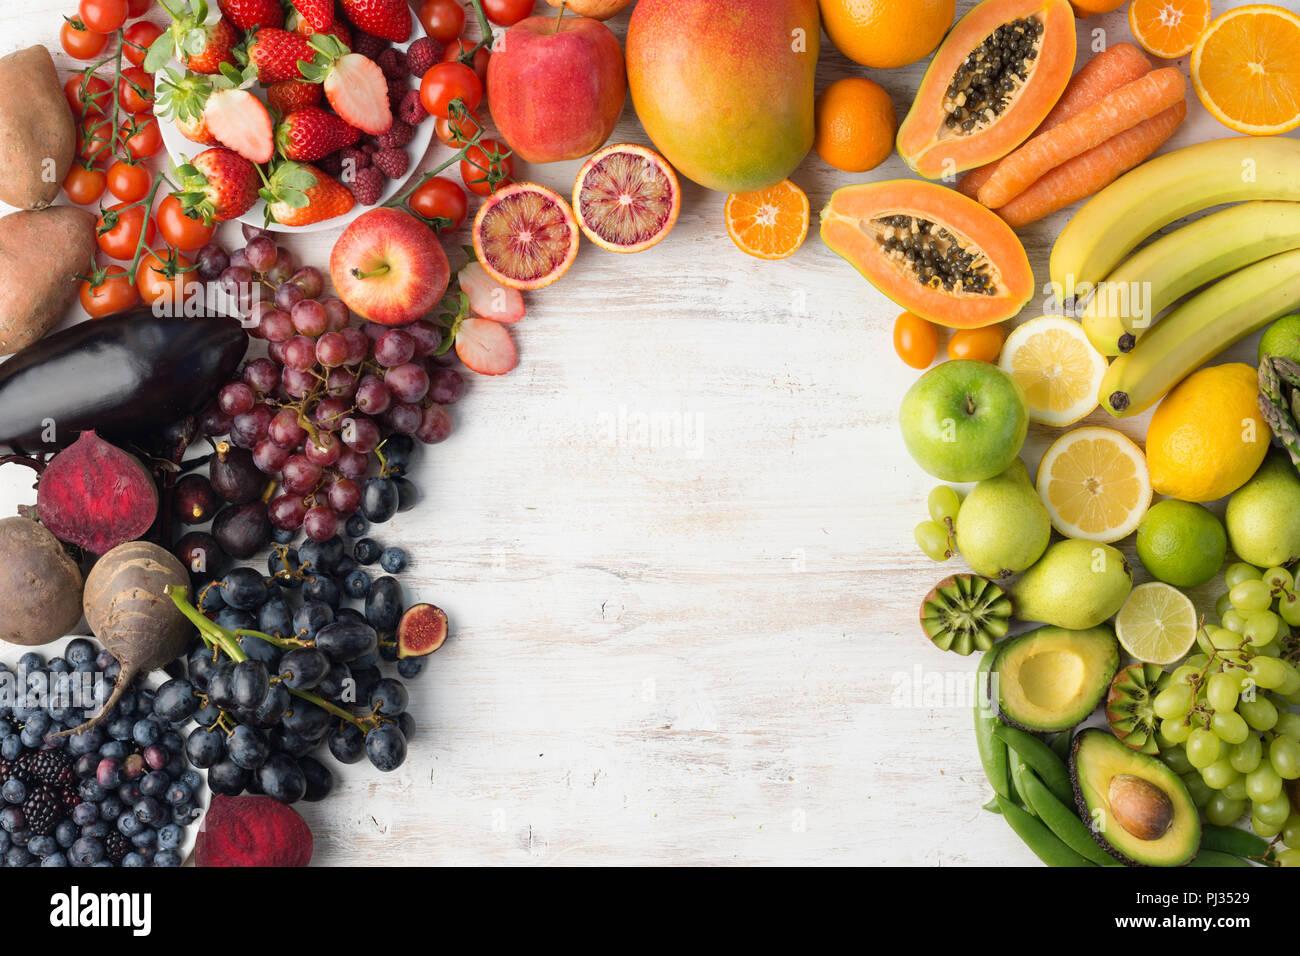 Mangiare sano, frutta e vegetablesrainbow su off tavolo bianco, copiare lo spazio per testo, vista dall'alto, il fuoco selettivo Immagini Stock